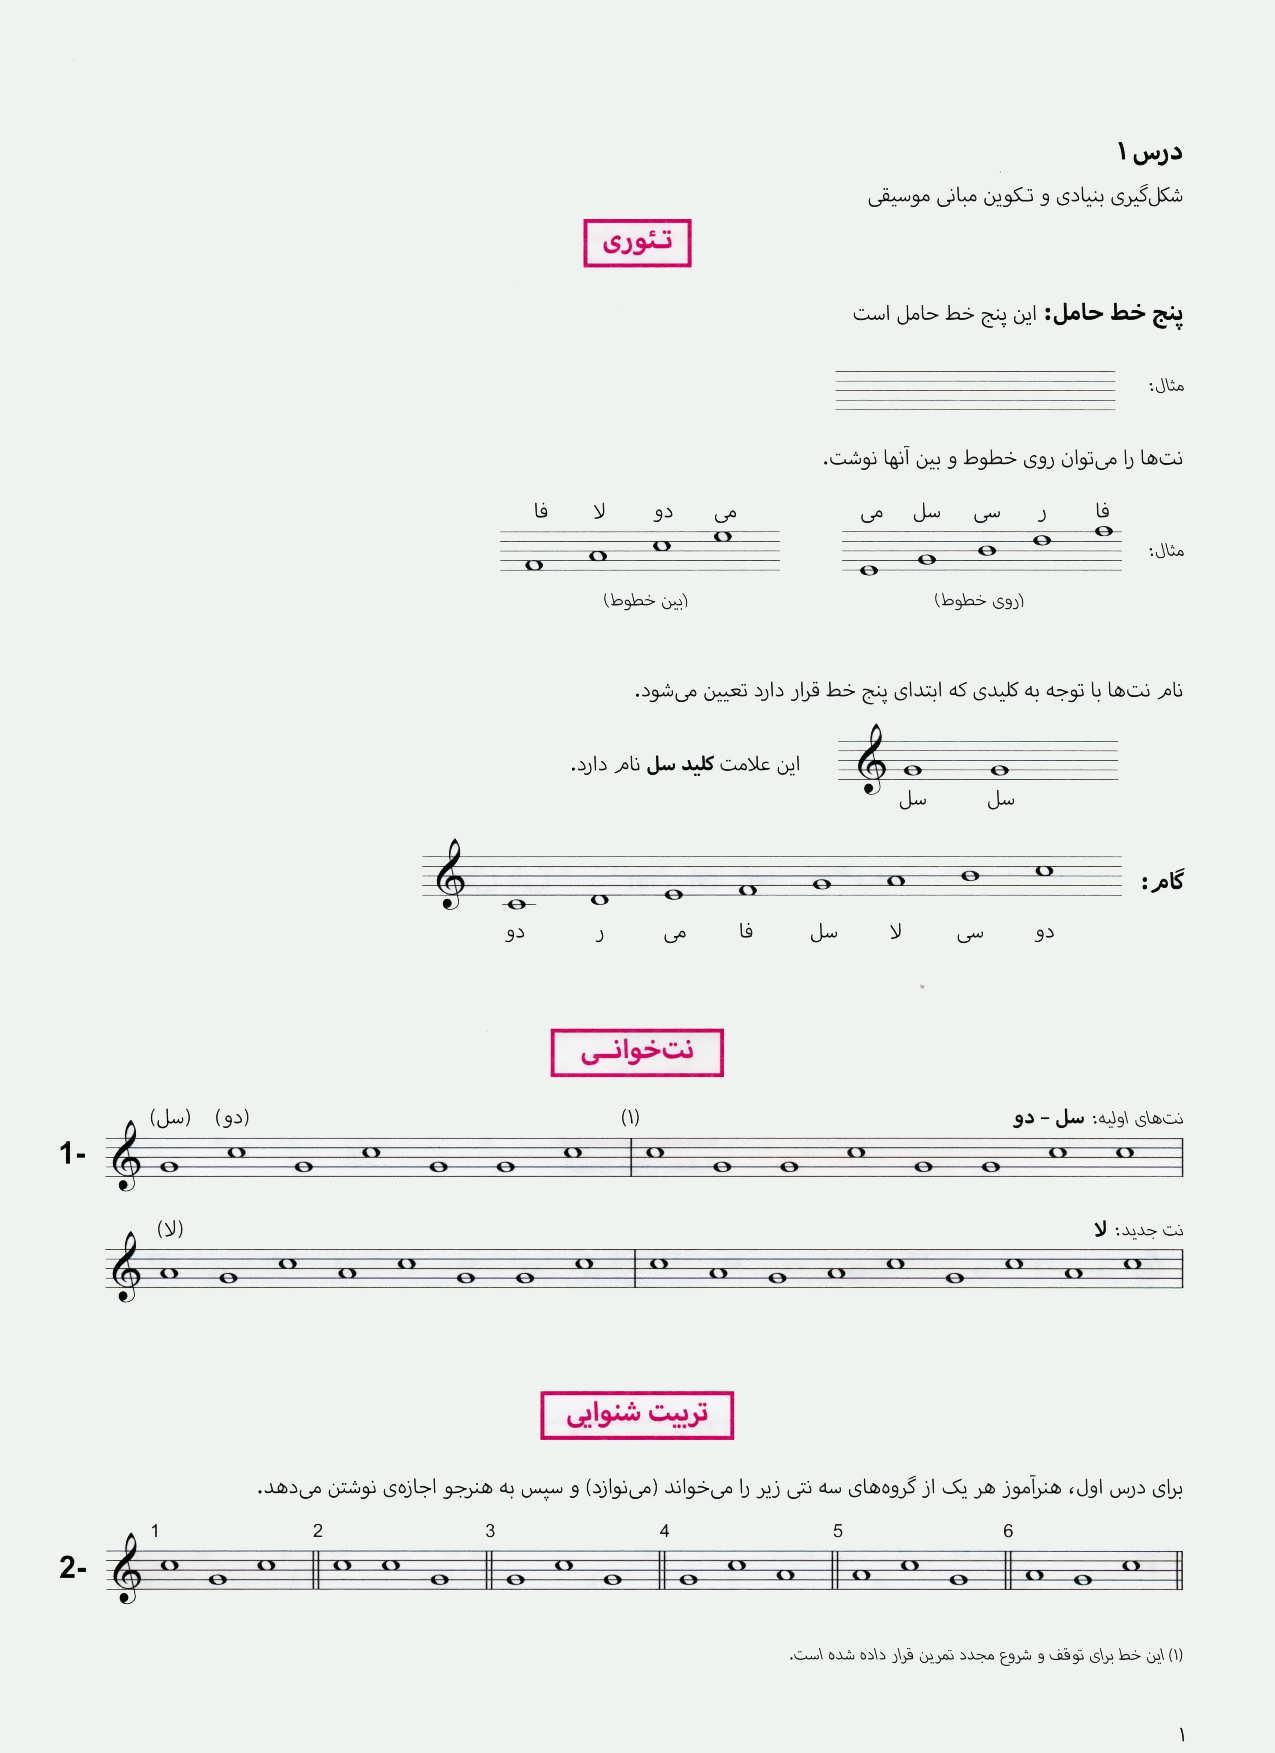 شکل گیری بنیادی و تکوین مبانی موسیقی 1